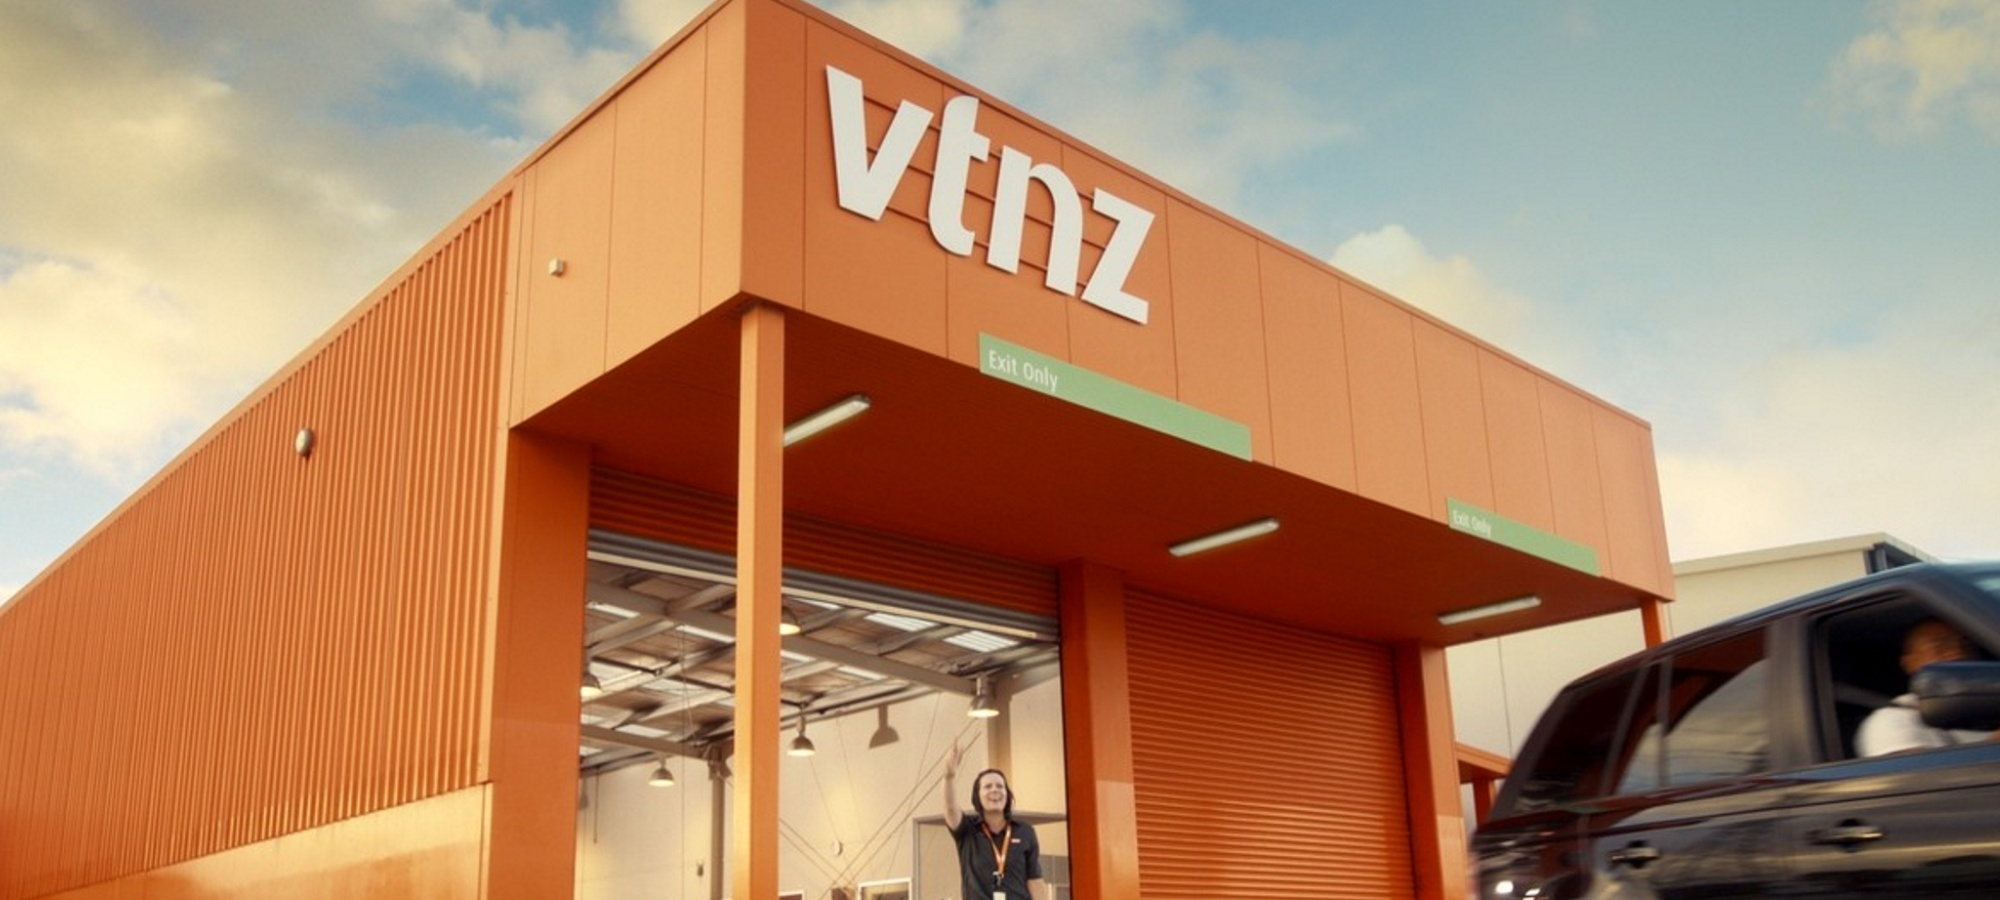 Inspection app sets VTNZ up for future innovation